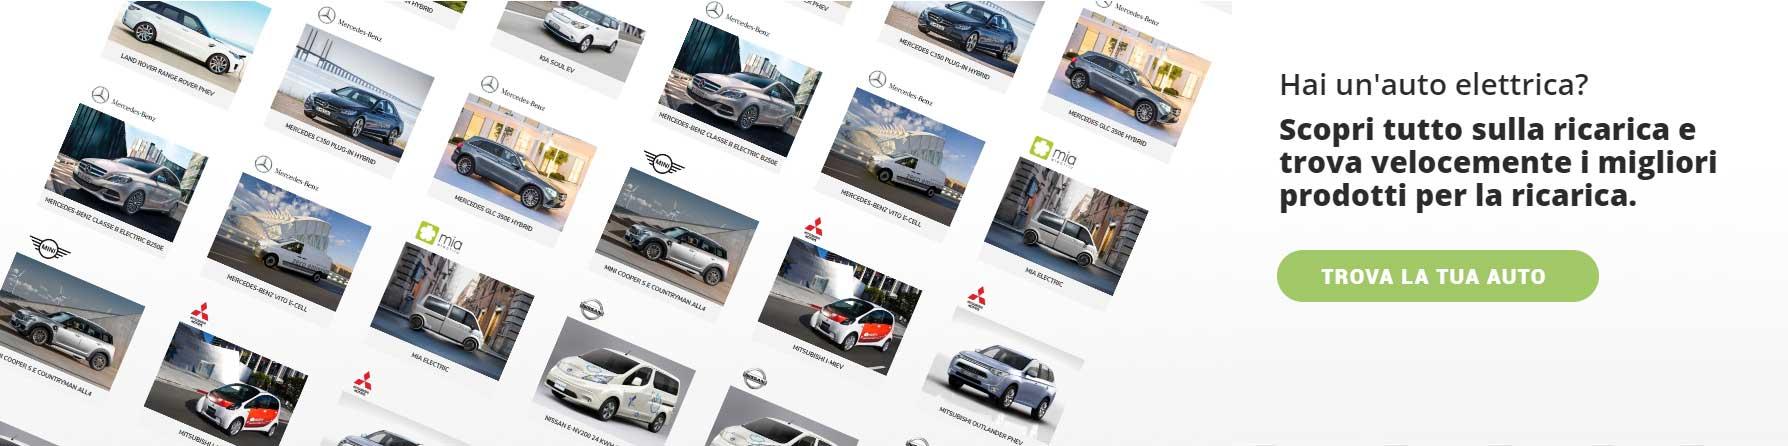 Prodotti per la ricarica dei veicoli elettrici